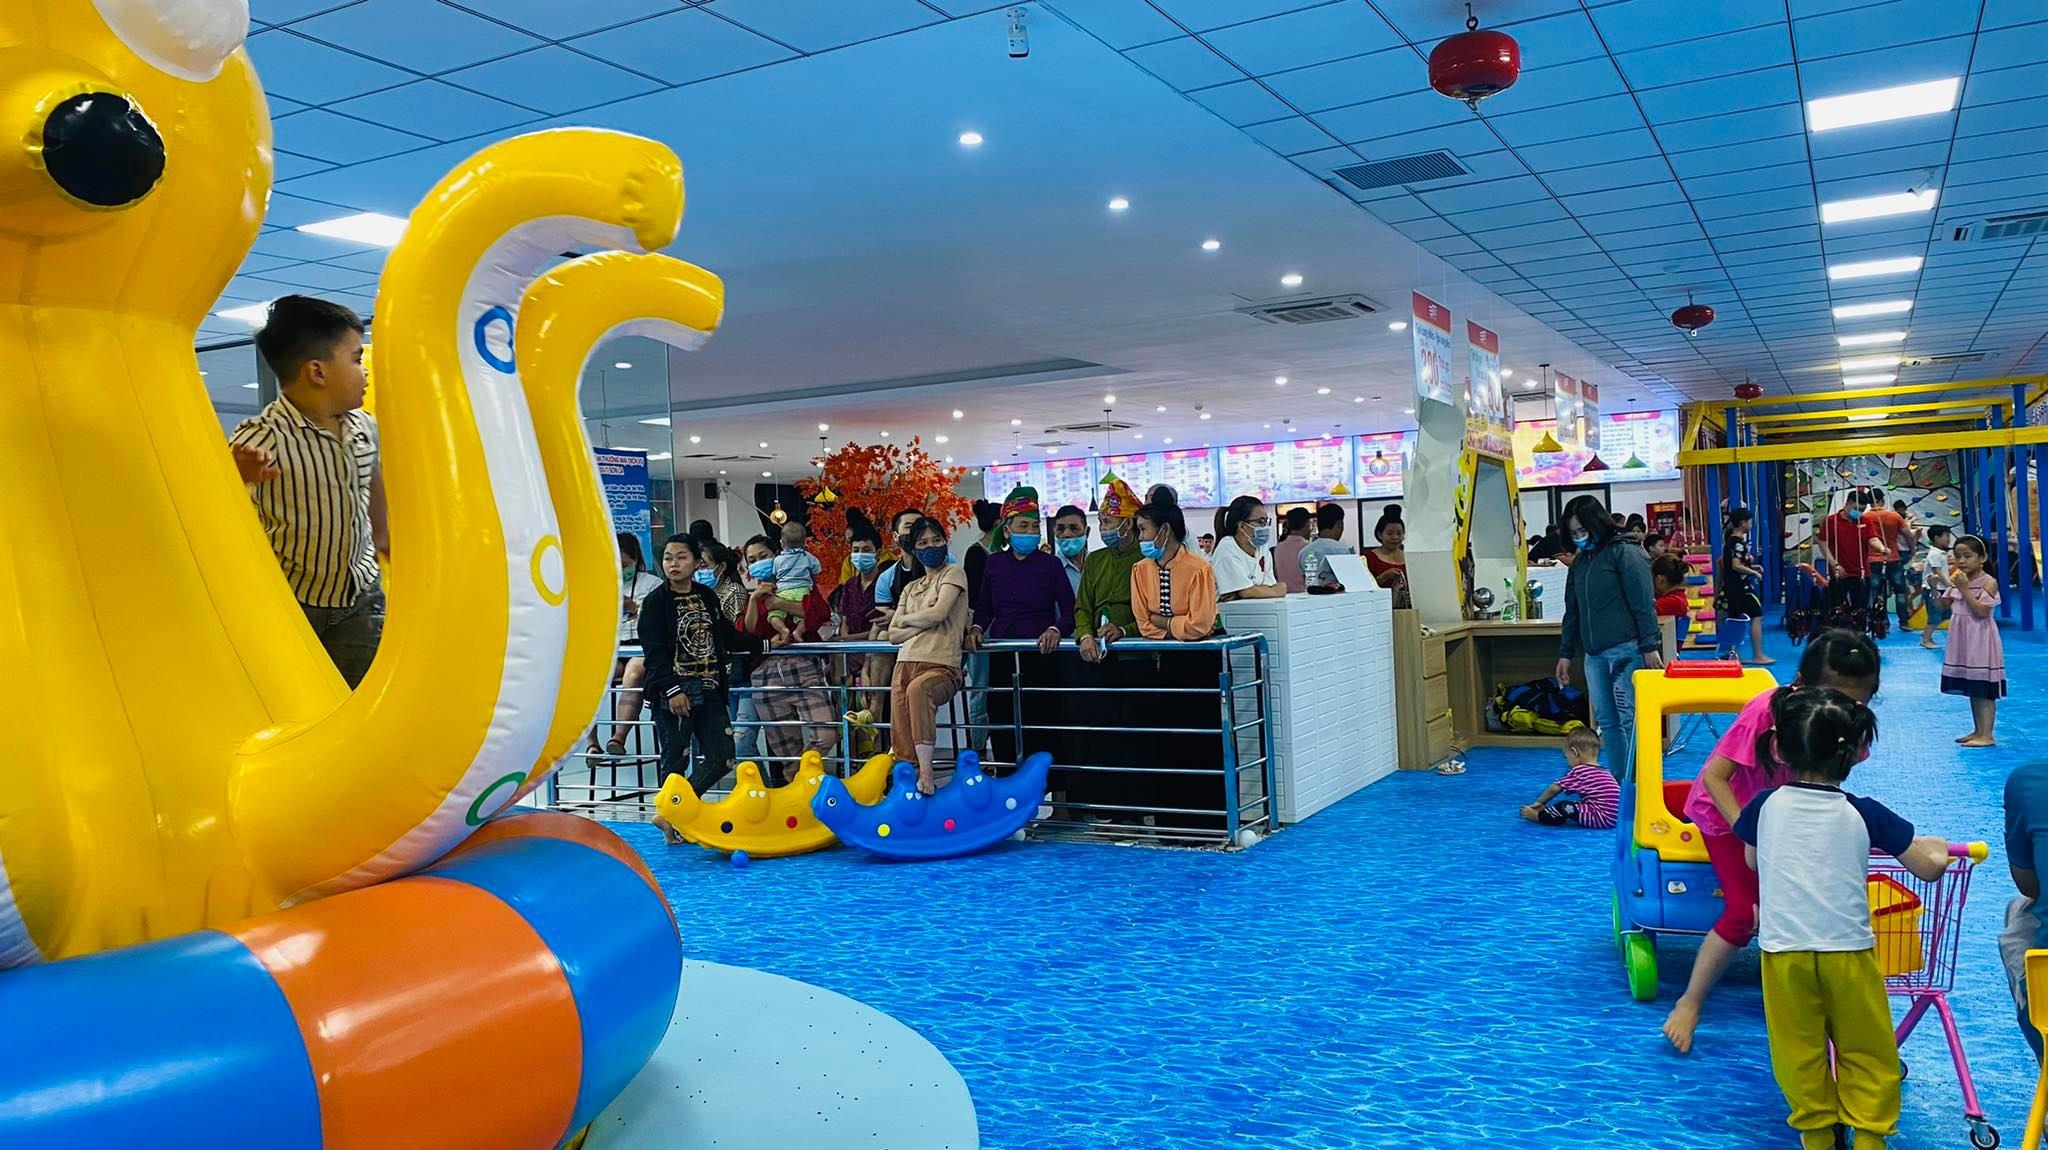 Tp.Sơn La quyết định dừng một số hoạt động kinh doanh và vui chơi giải trí vì dịch Covid-19 - Ảnh 2.